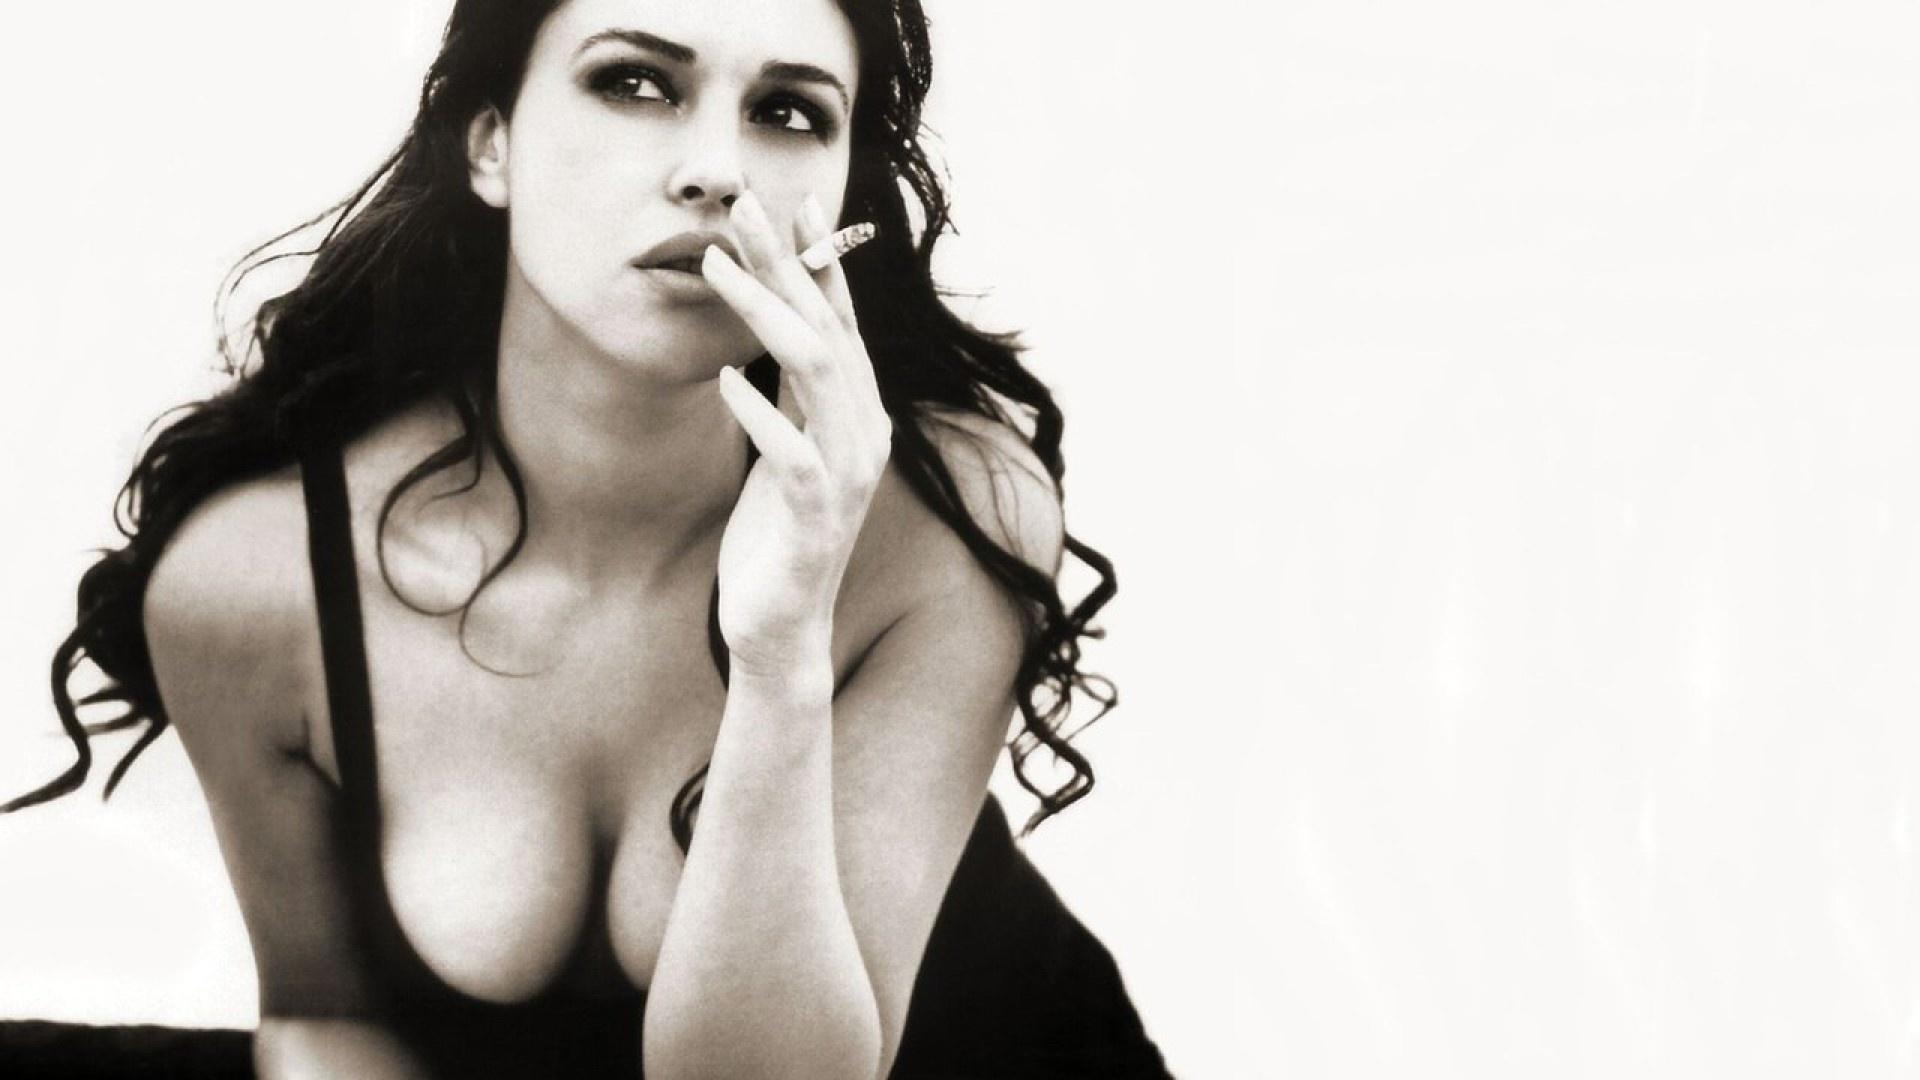 monica bellucci, with a cigarette, photo, black and white